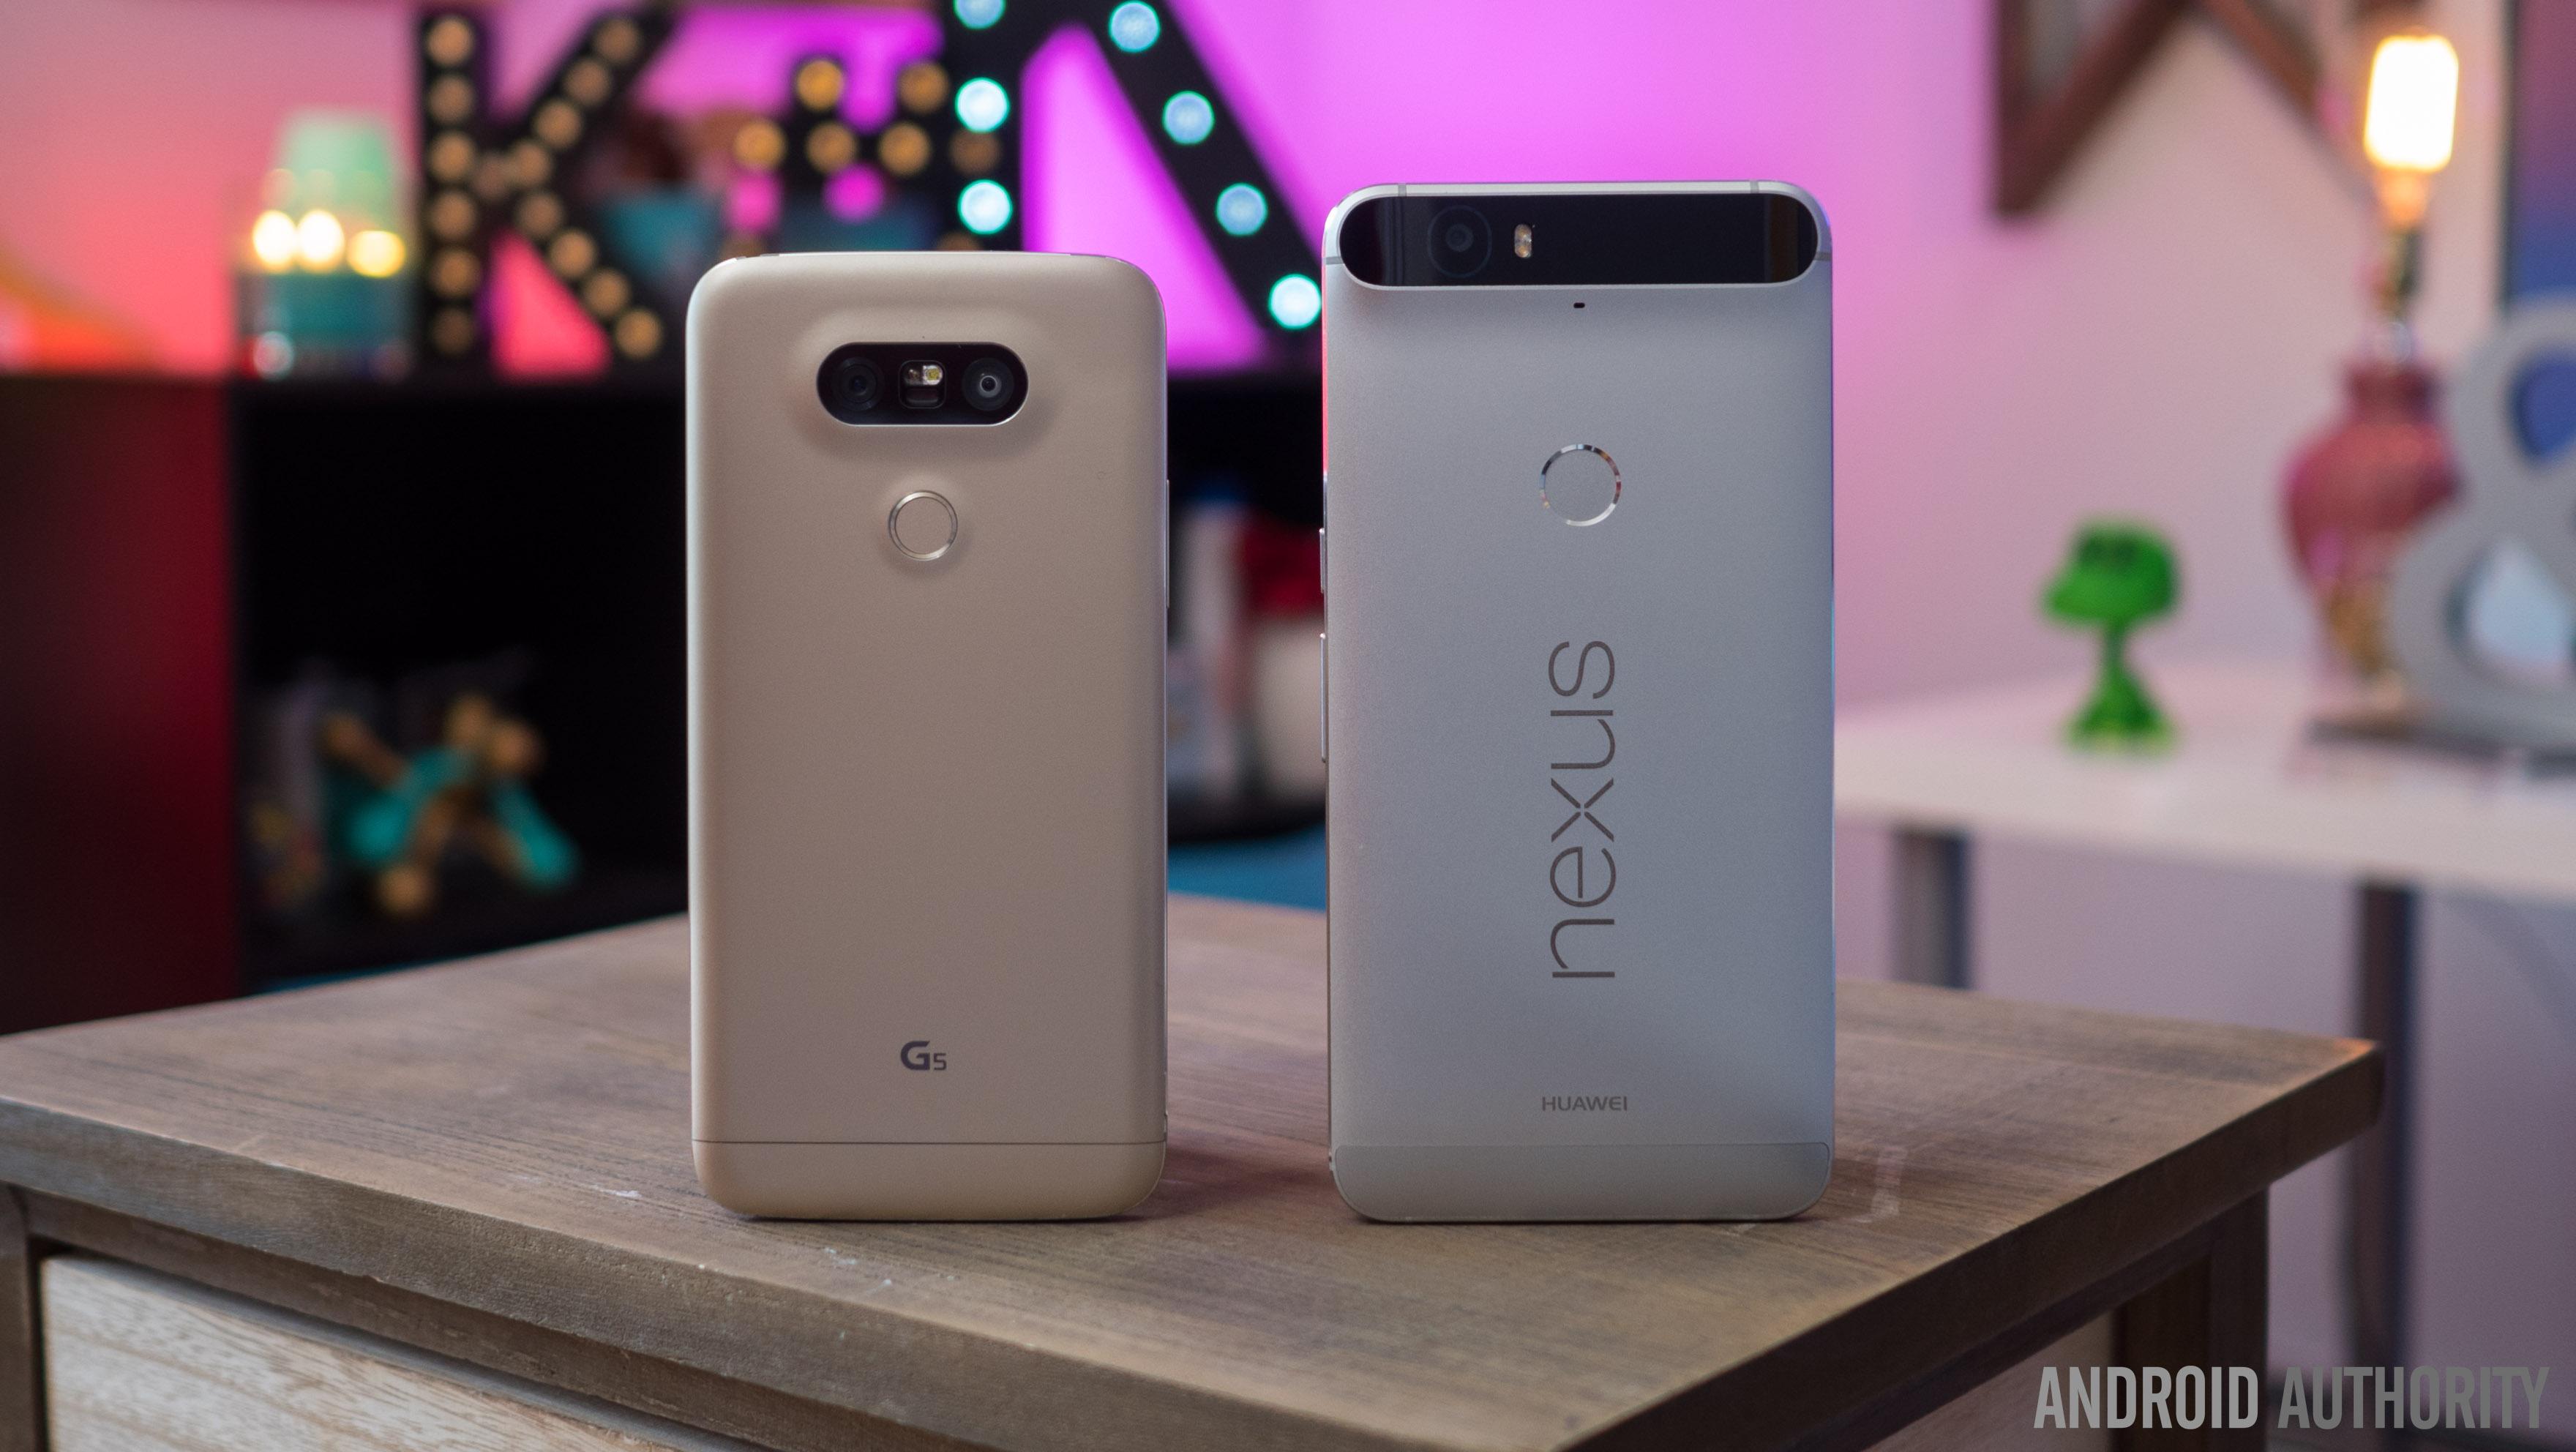 LG G5 vs Nexus 6P 14 of 14